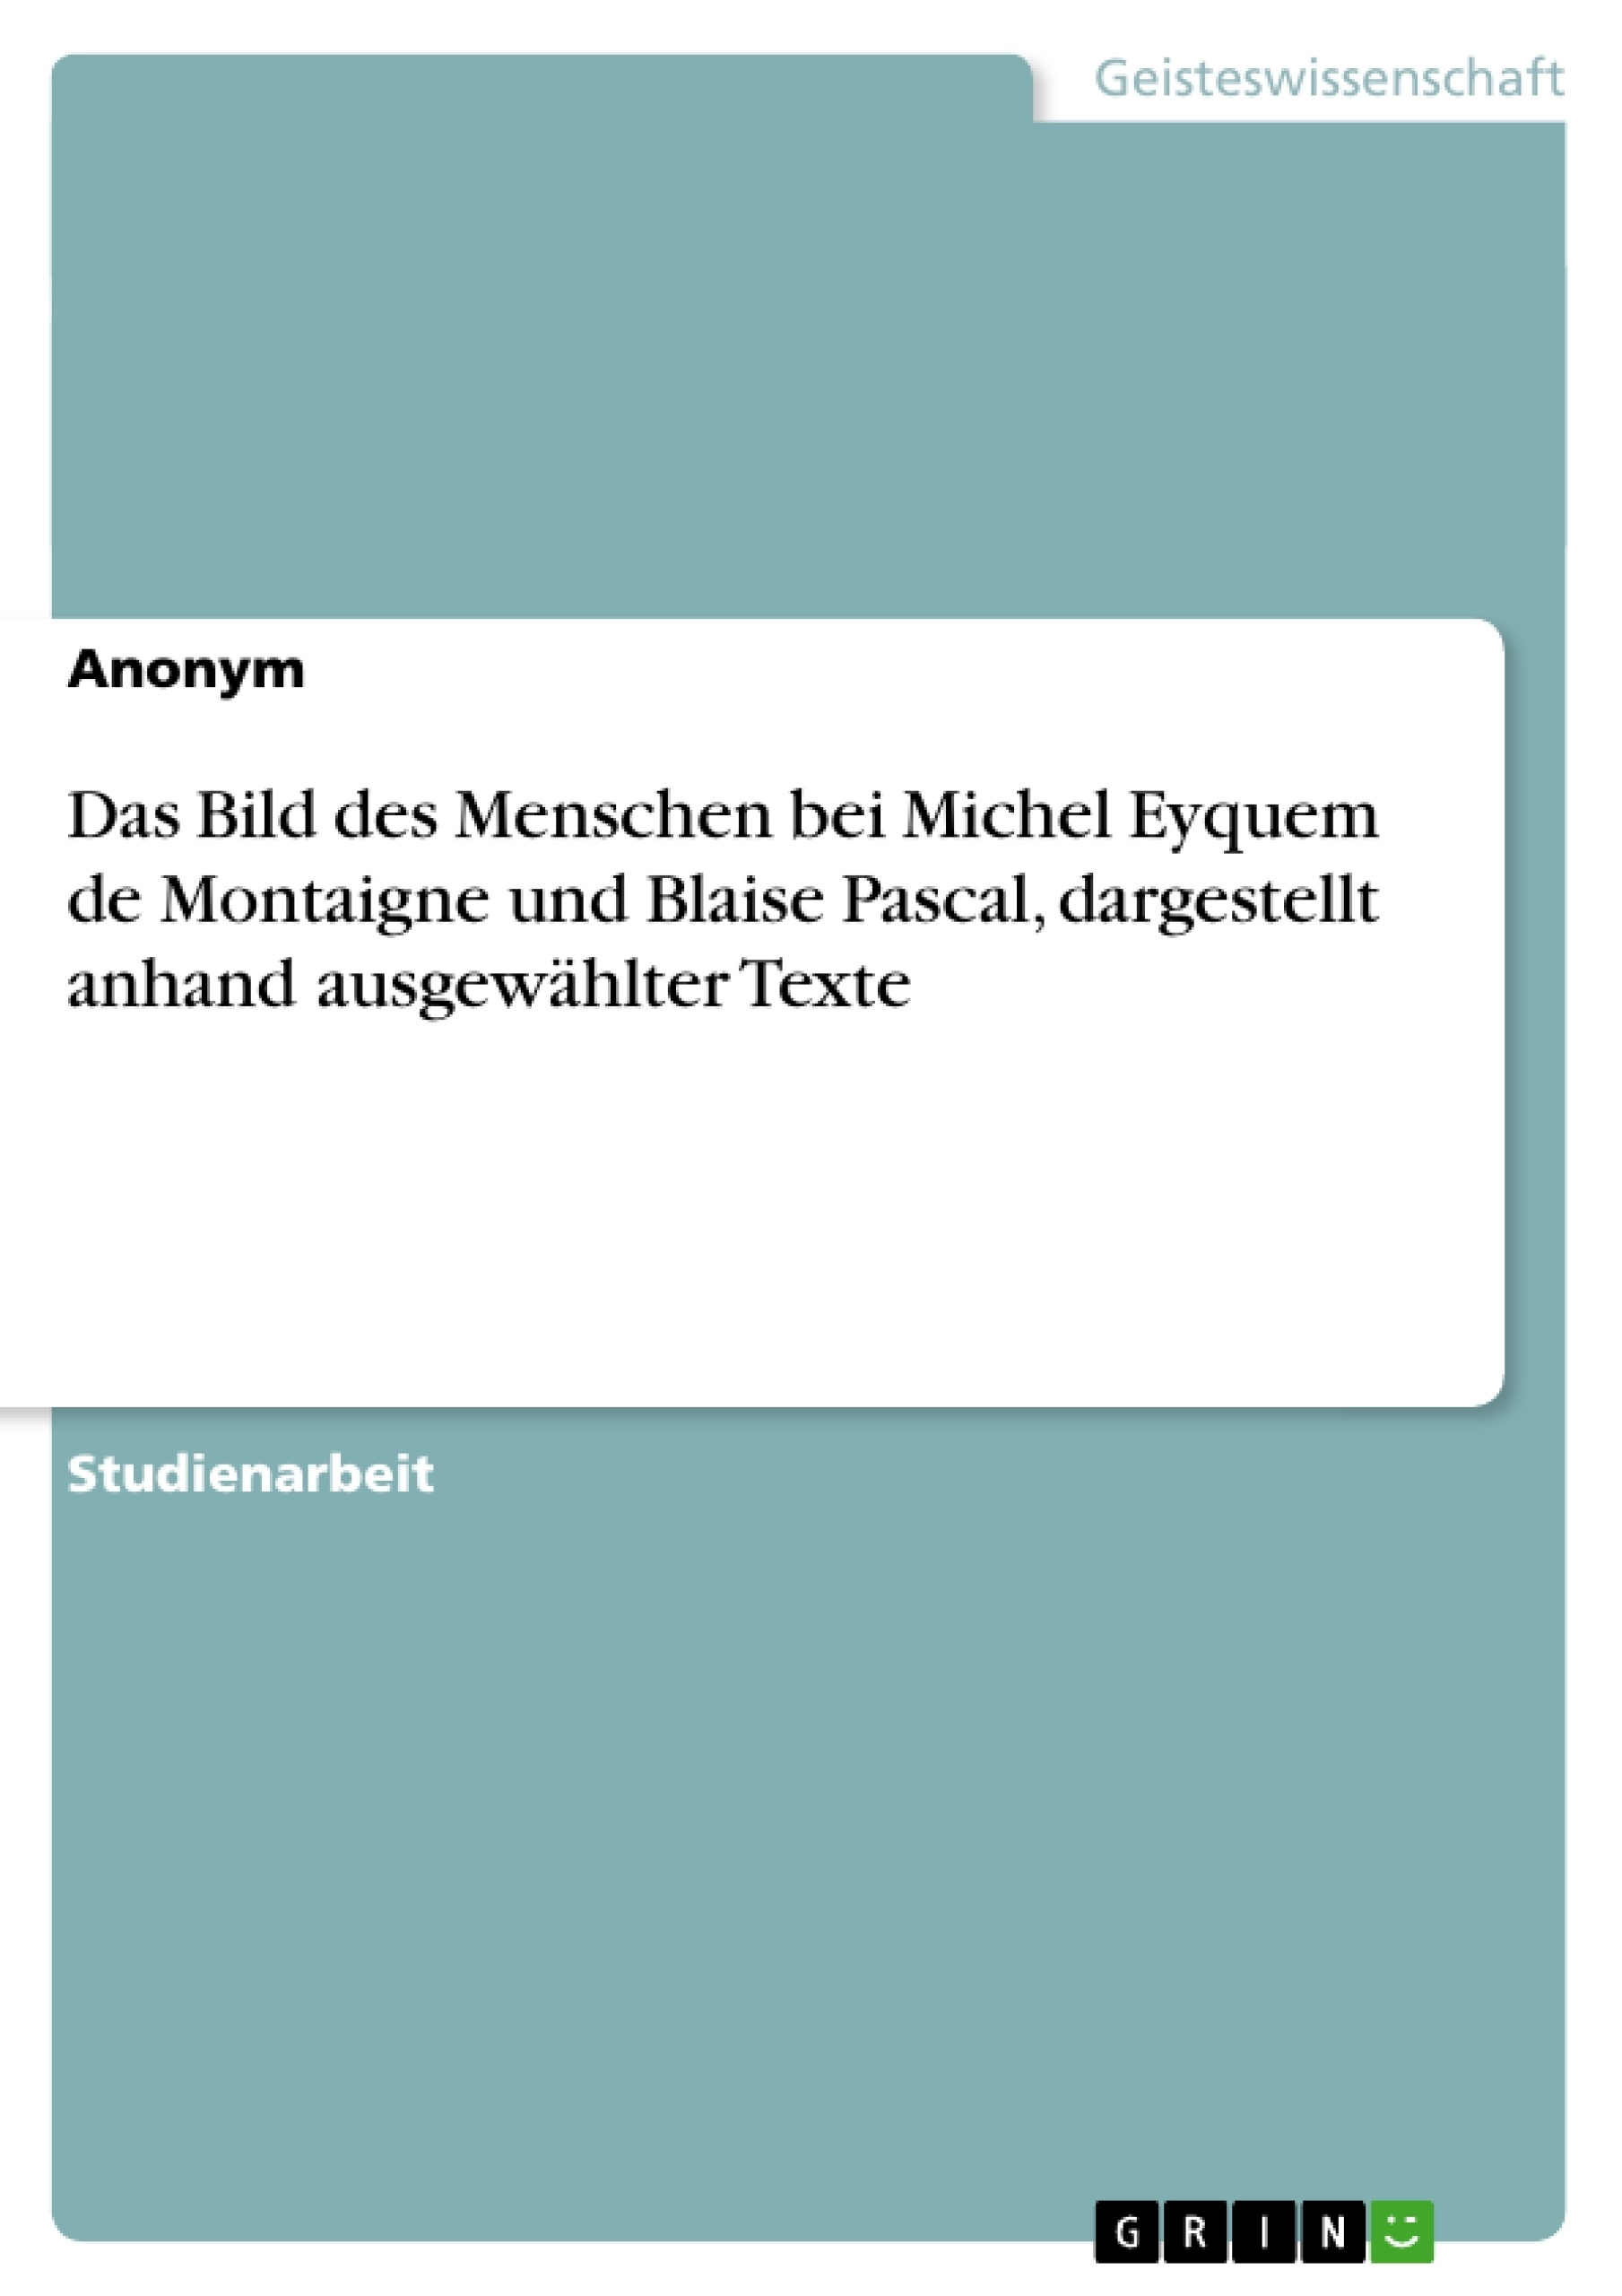 Titel: Das Bild des Menschen bei Michel Eyquem de Montaigne und Blaise Pascal, dargestellt anhand ausgewählter Texte